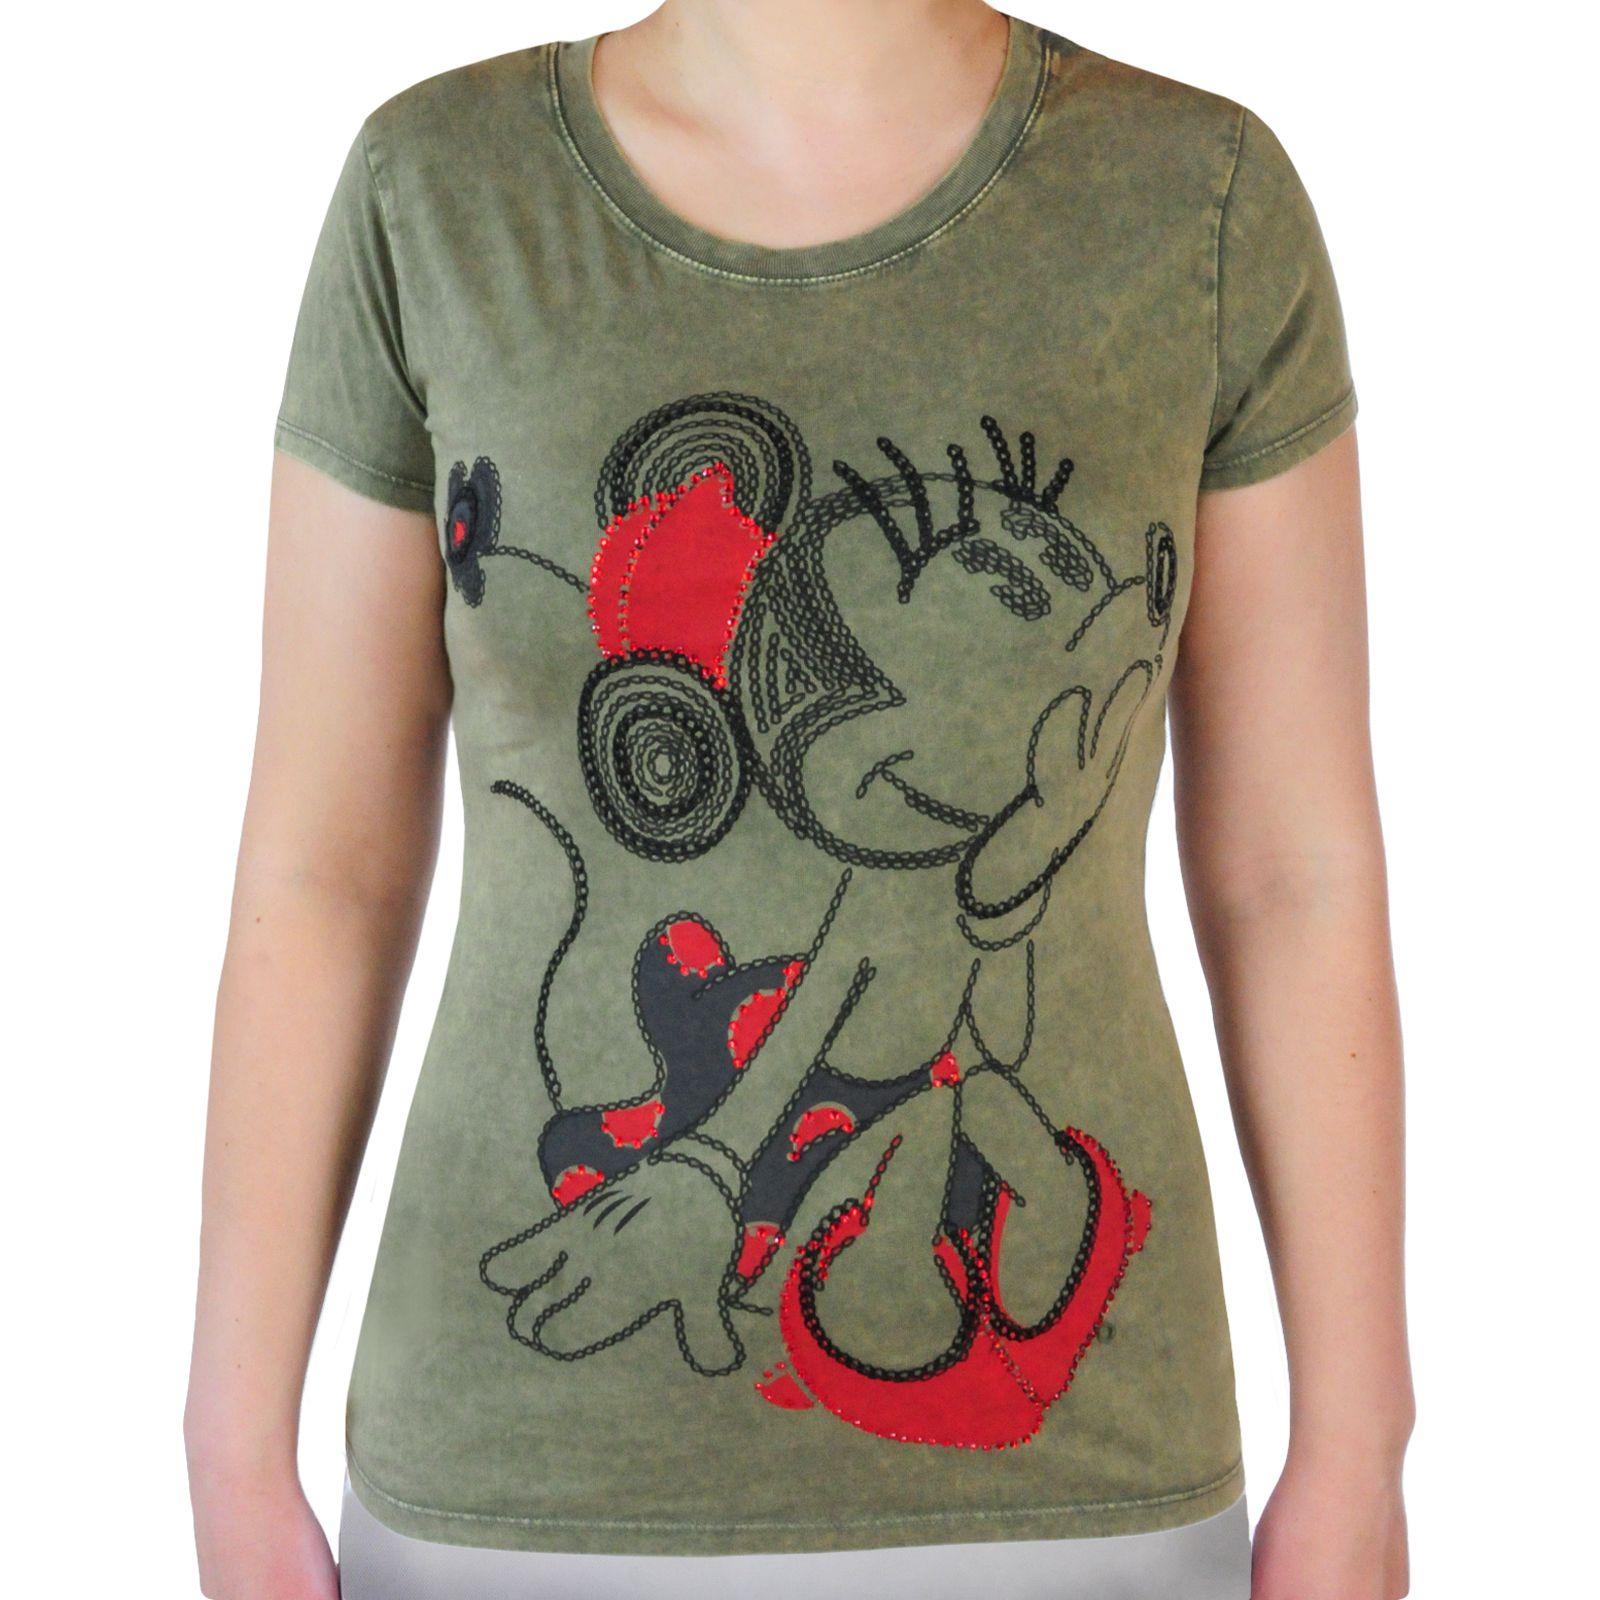 8433a66daac Купить в Туапсе футболки для женщин